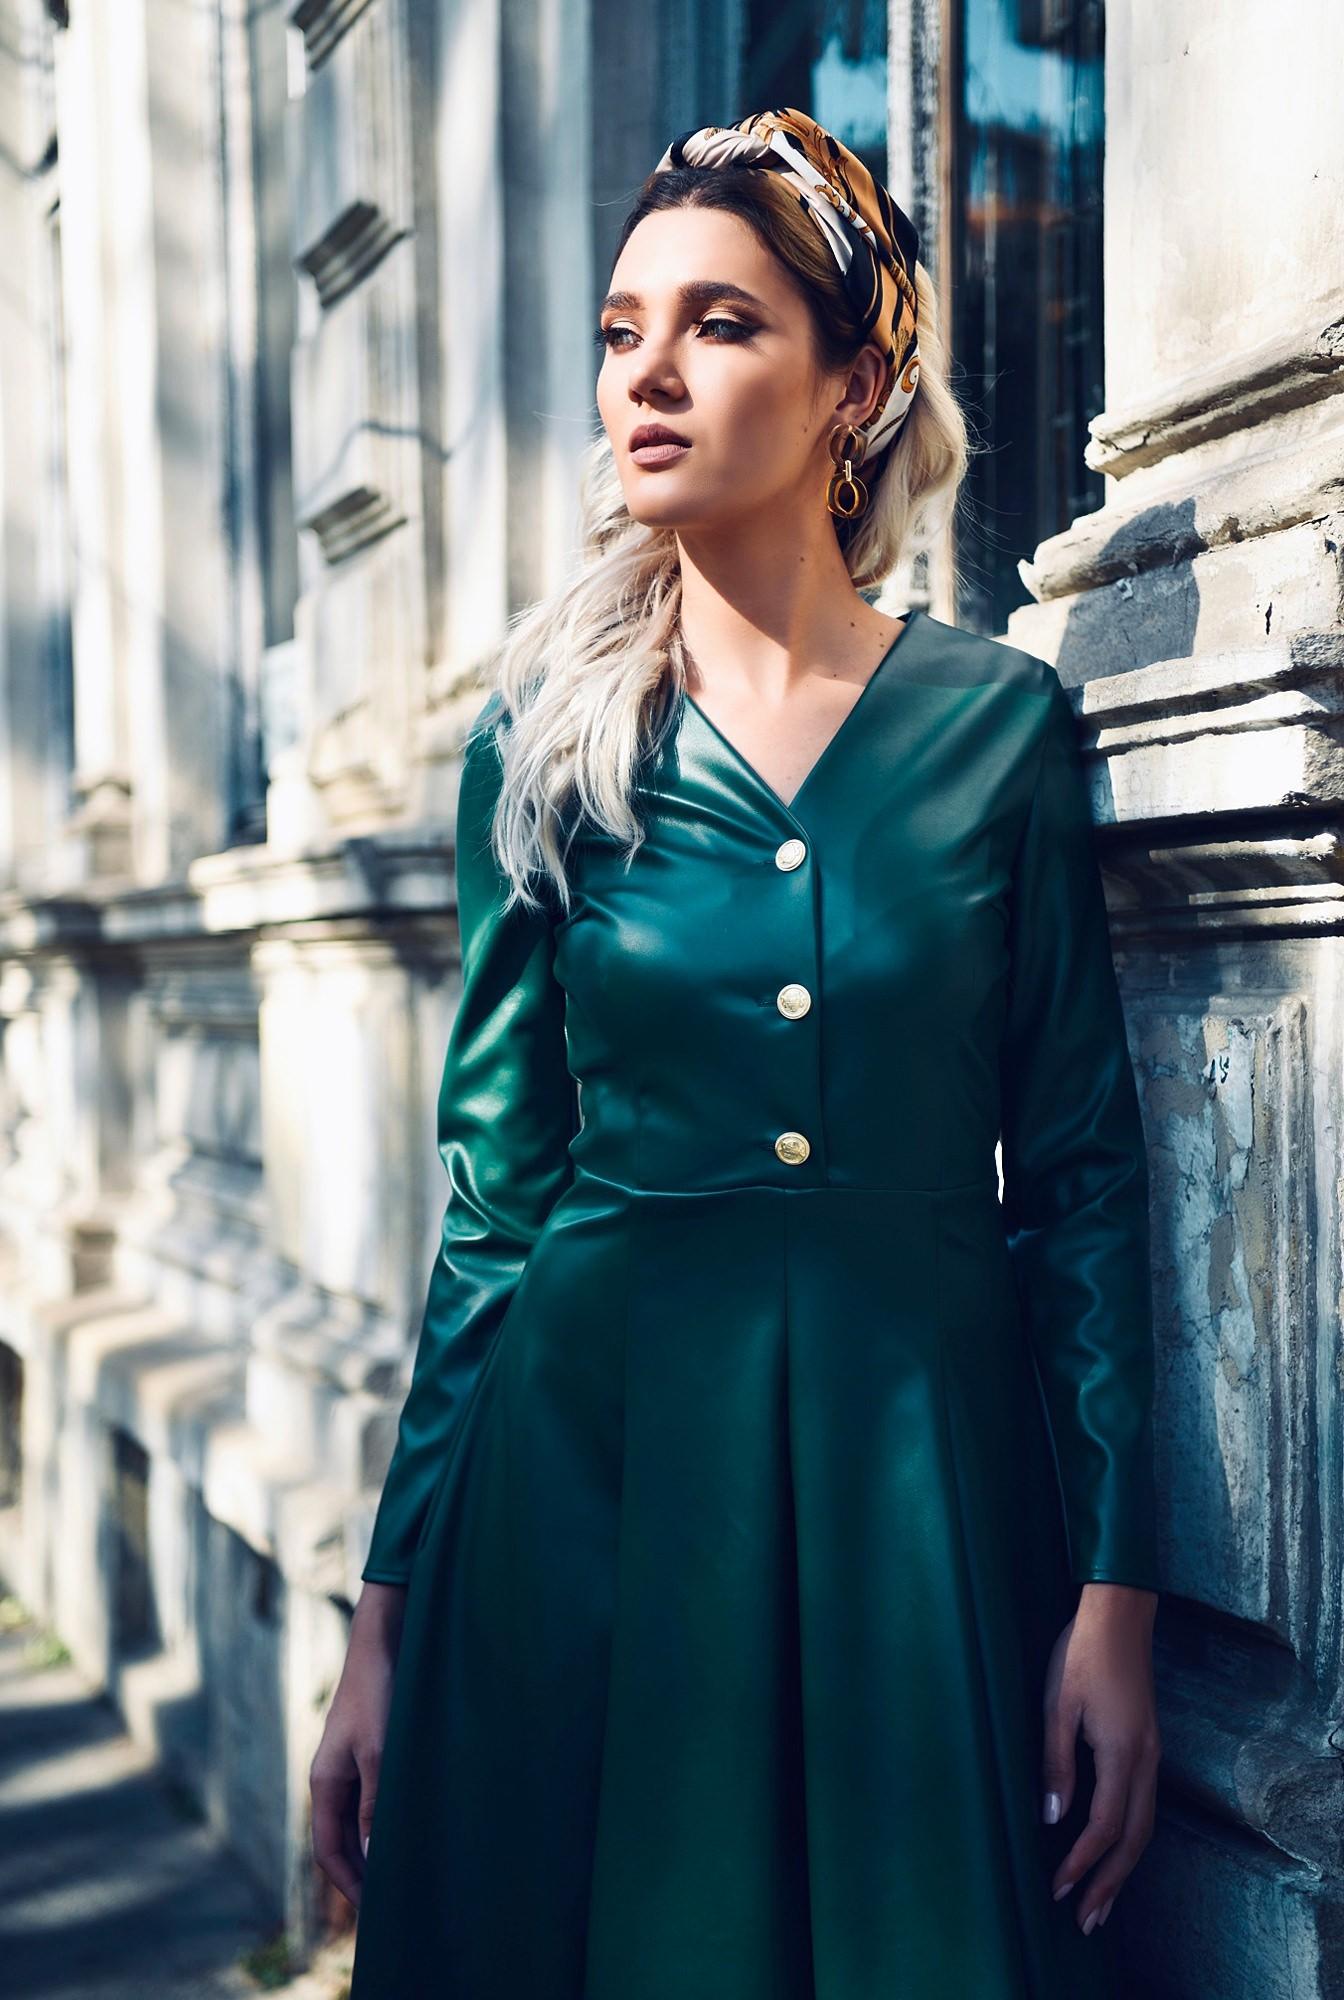 2 - rochie verde, piele, nasturi auii, decolteu anchior